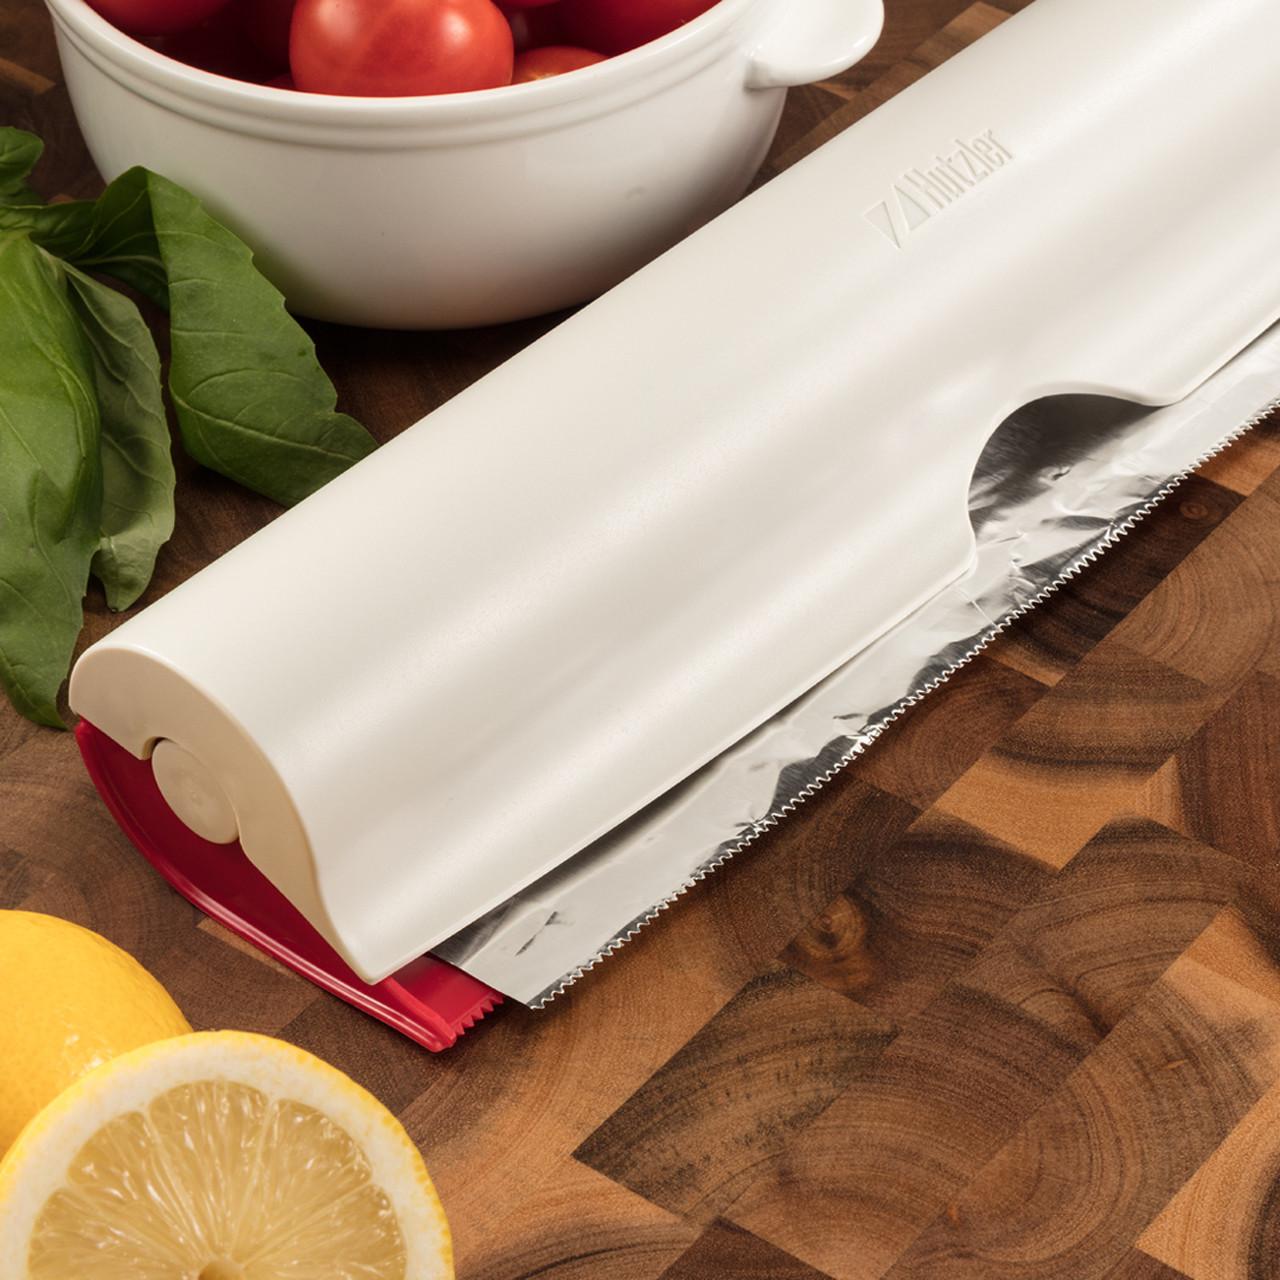 Wrap Dispenser For Aluminum Foil Plastic Wrap Parchment